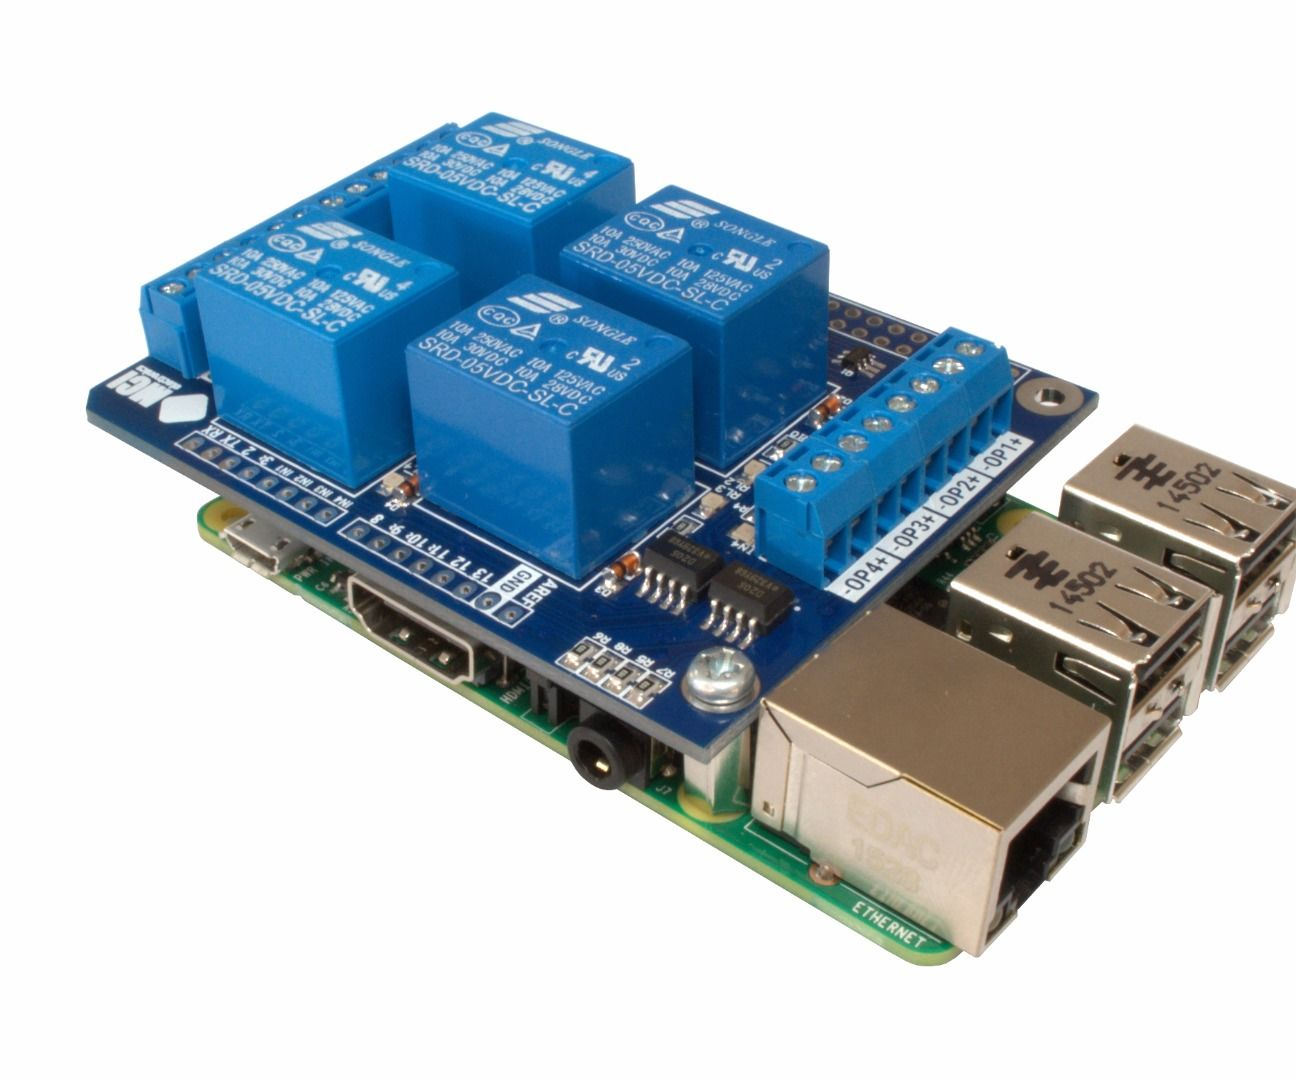 4-Relay Shield + Raspberry Pi B+ (V2 B)